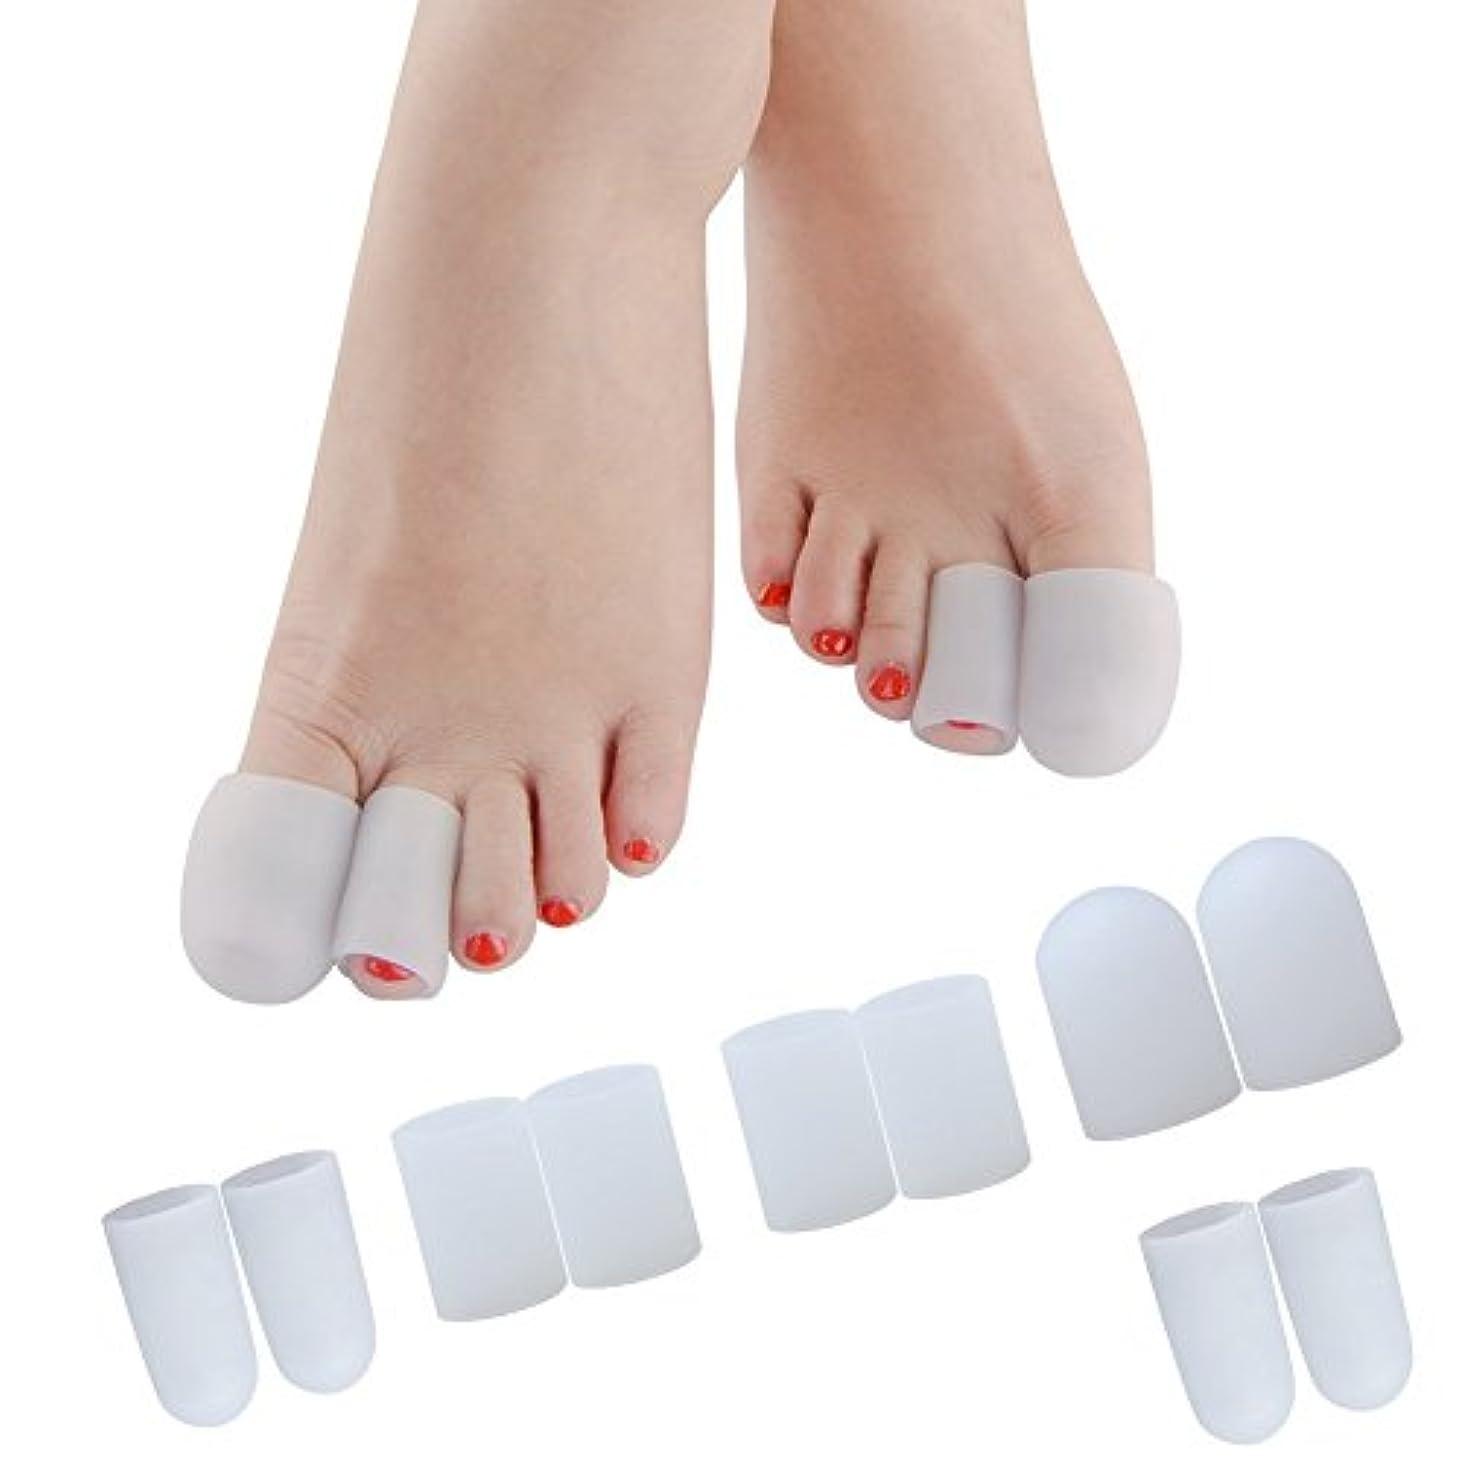 必需品世紀熱心なPovihome 足指 足爪 保護キャップ 親指, 足先のつめ保護キャップ, つま先キャップ 白い 5ペア,足指保護キャップ